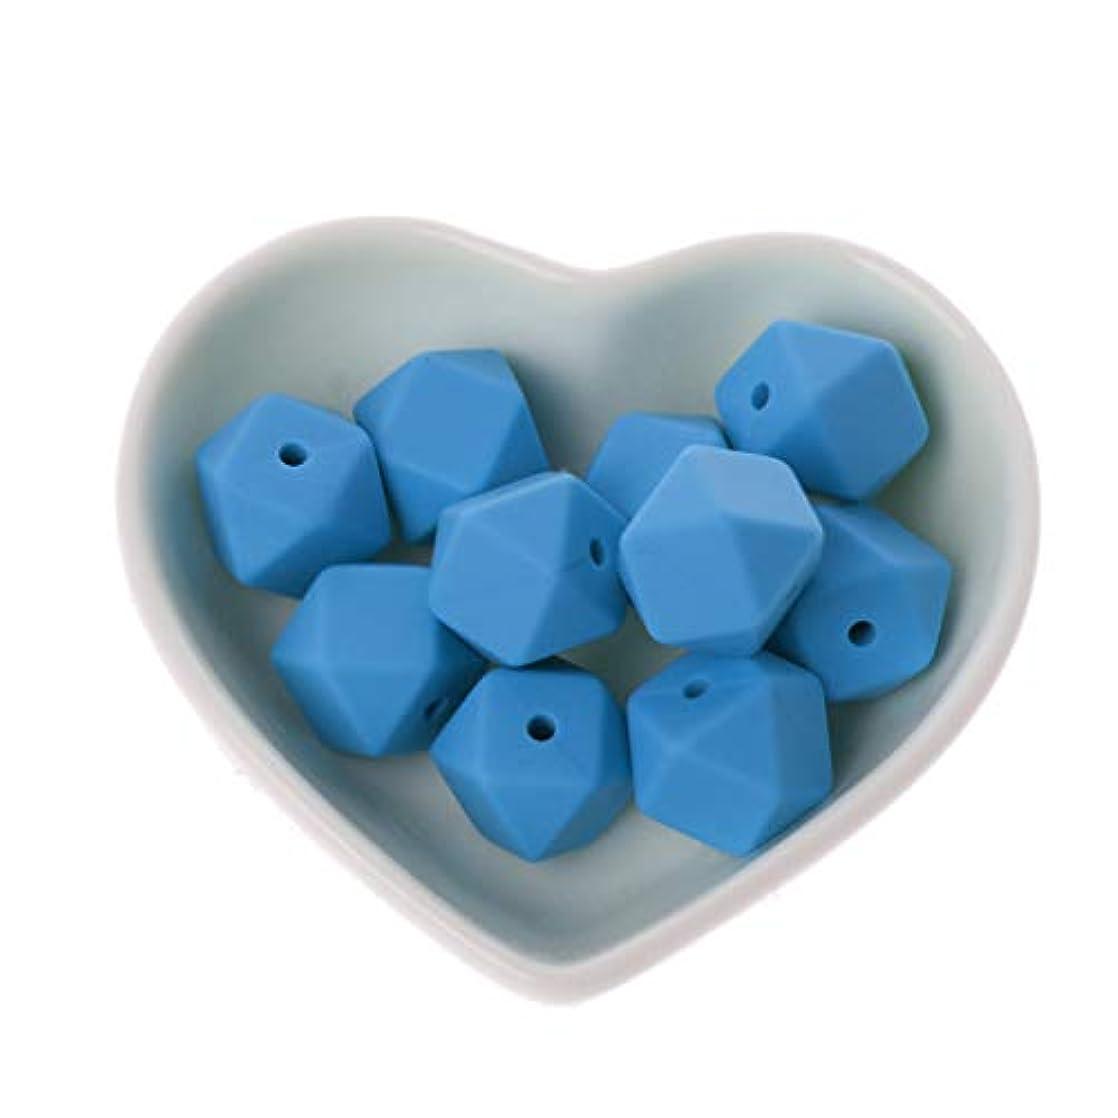 仕立て屋保護アーサーコナンドイルLanddum 10個シリコーンビーズ14ミリメートル多角形シリコーンビーズ赤ちゃんのおもちゃdiyおしゃぶりチェーンアクセサリー - ベイビーブルー